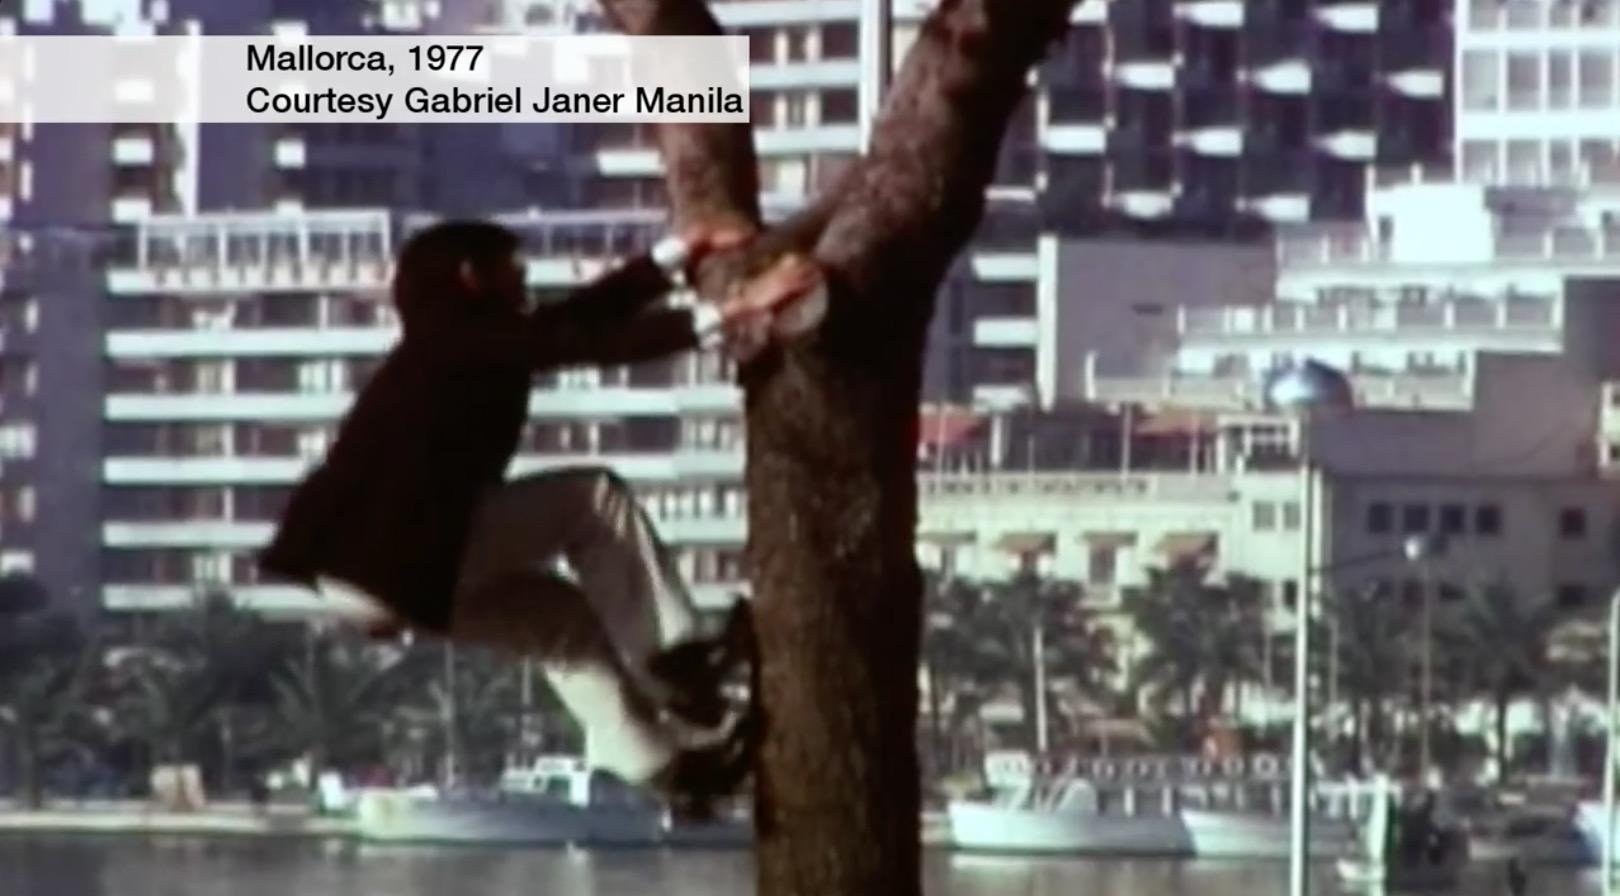 1977年马洛卡